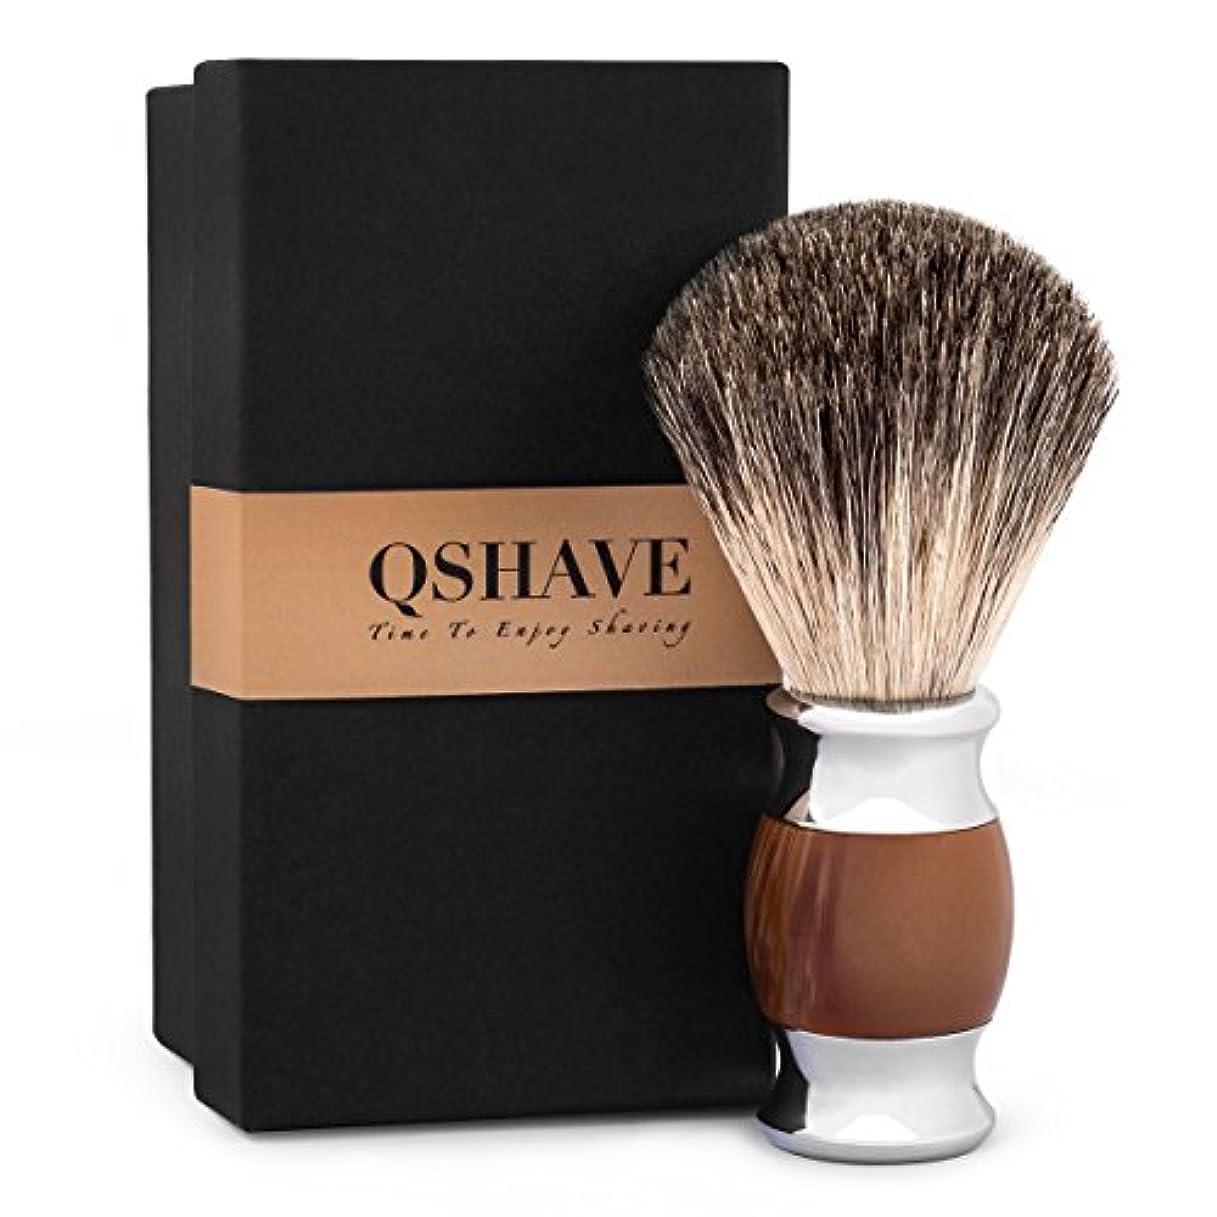 驚策定する達成QSHAVE 100%最高級アナグマ毛オリジナルハンドメイドシェービングブラシ。人工メノウ ハンドル。ウェットシェービング、安全カミソリ、両刃カミソリに最適